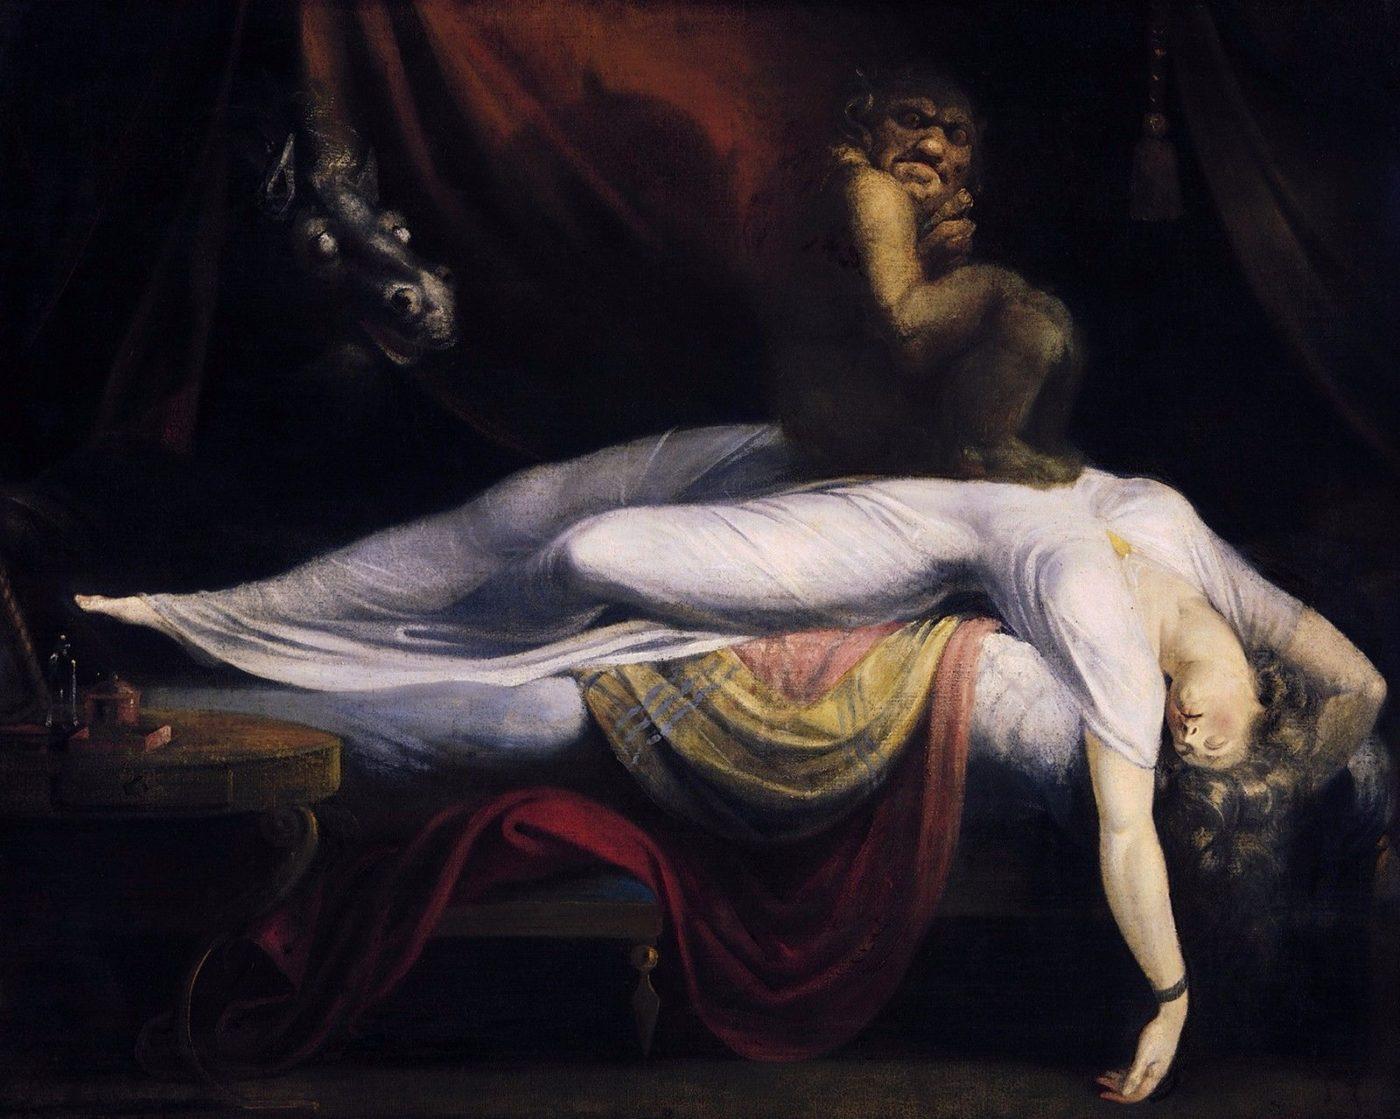 21 самых интересных фактов о сне